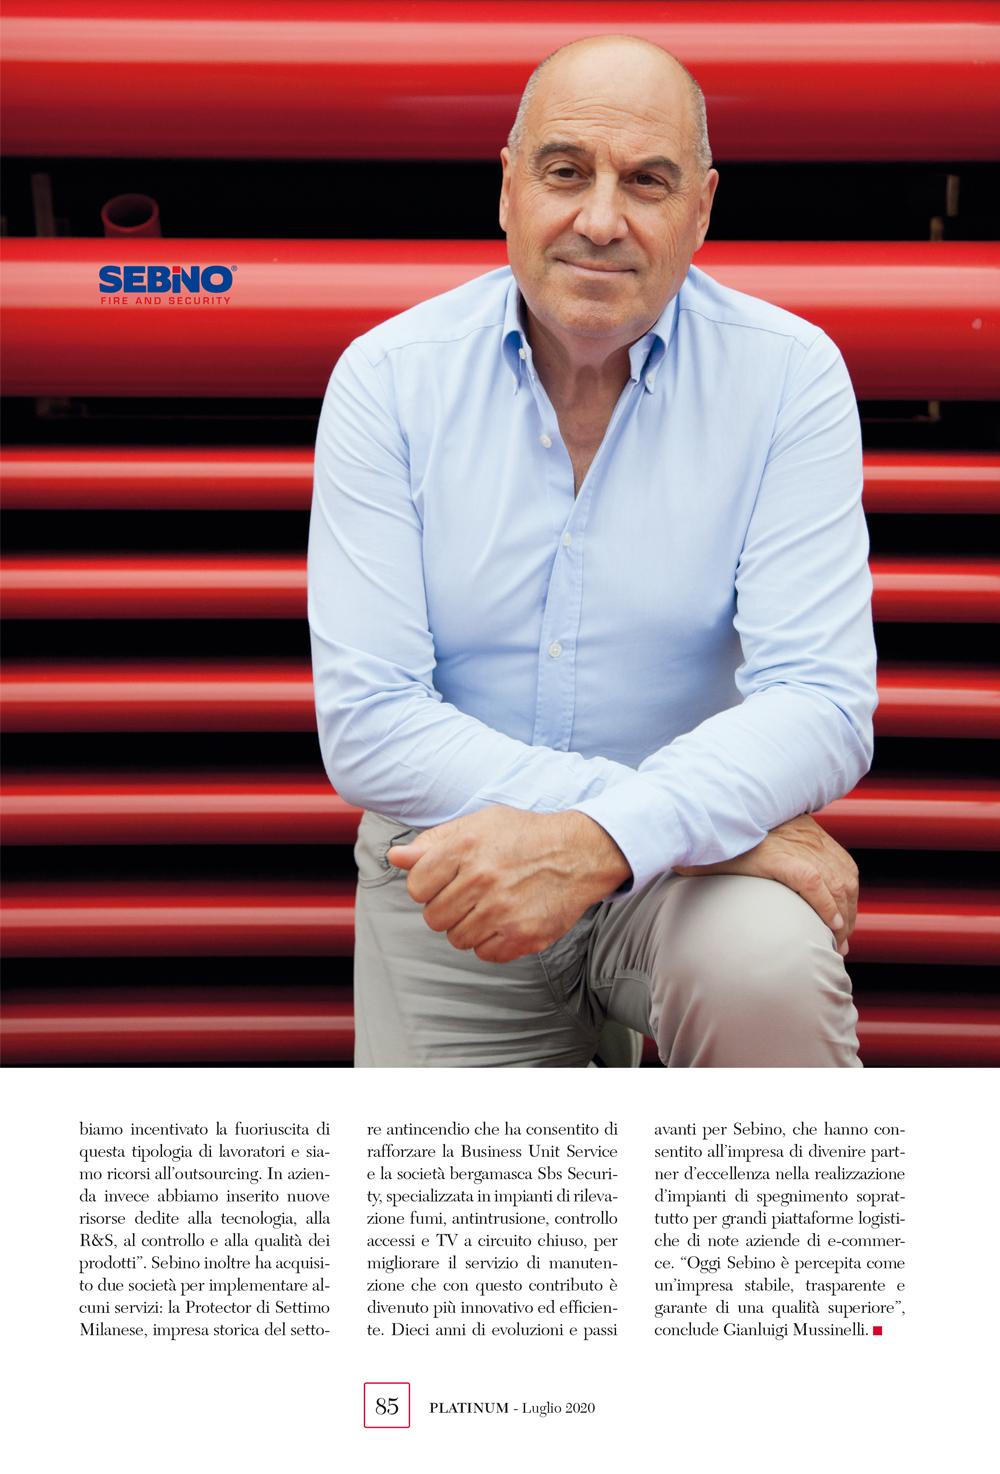 Sebino-Platinum-Luglio20-2